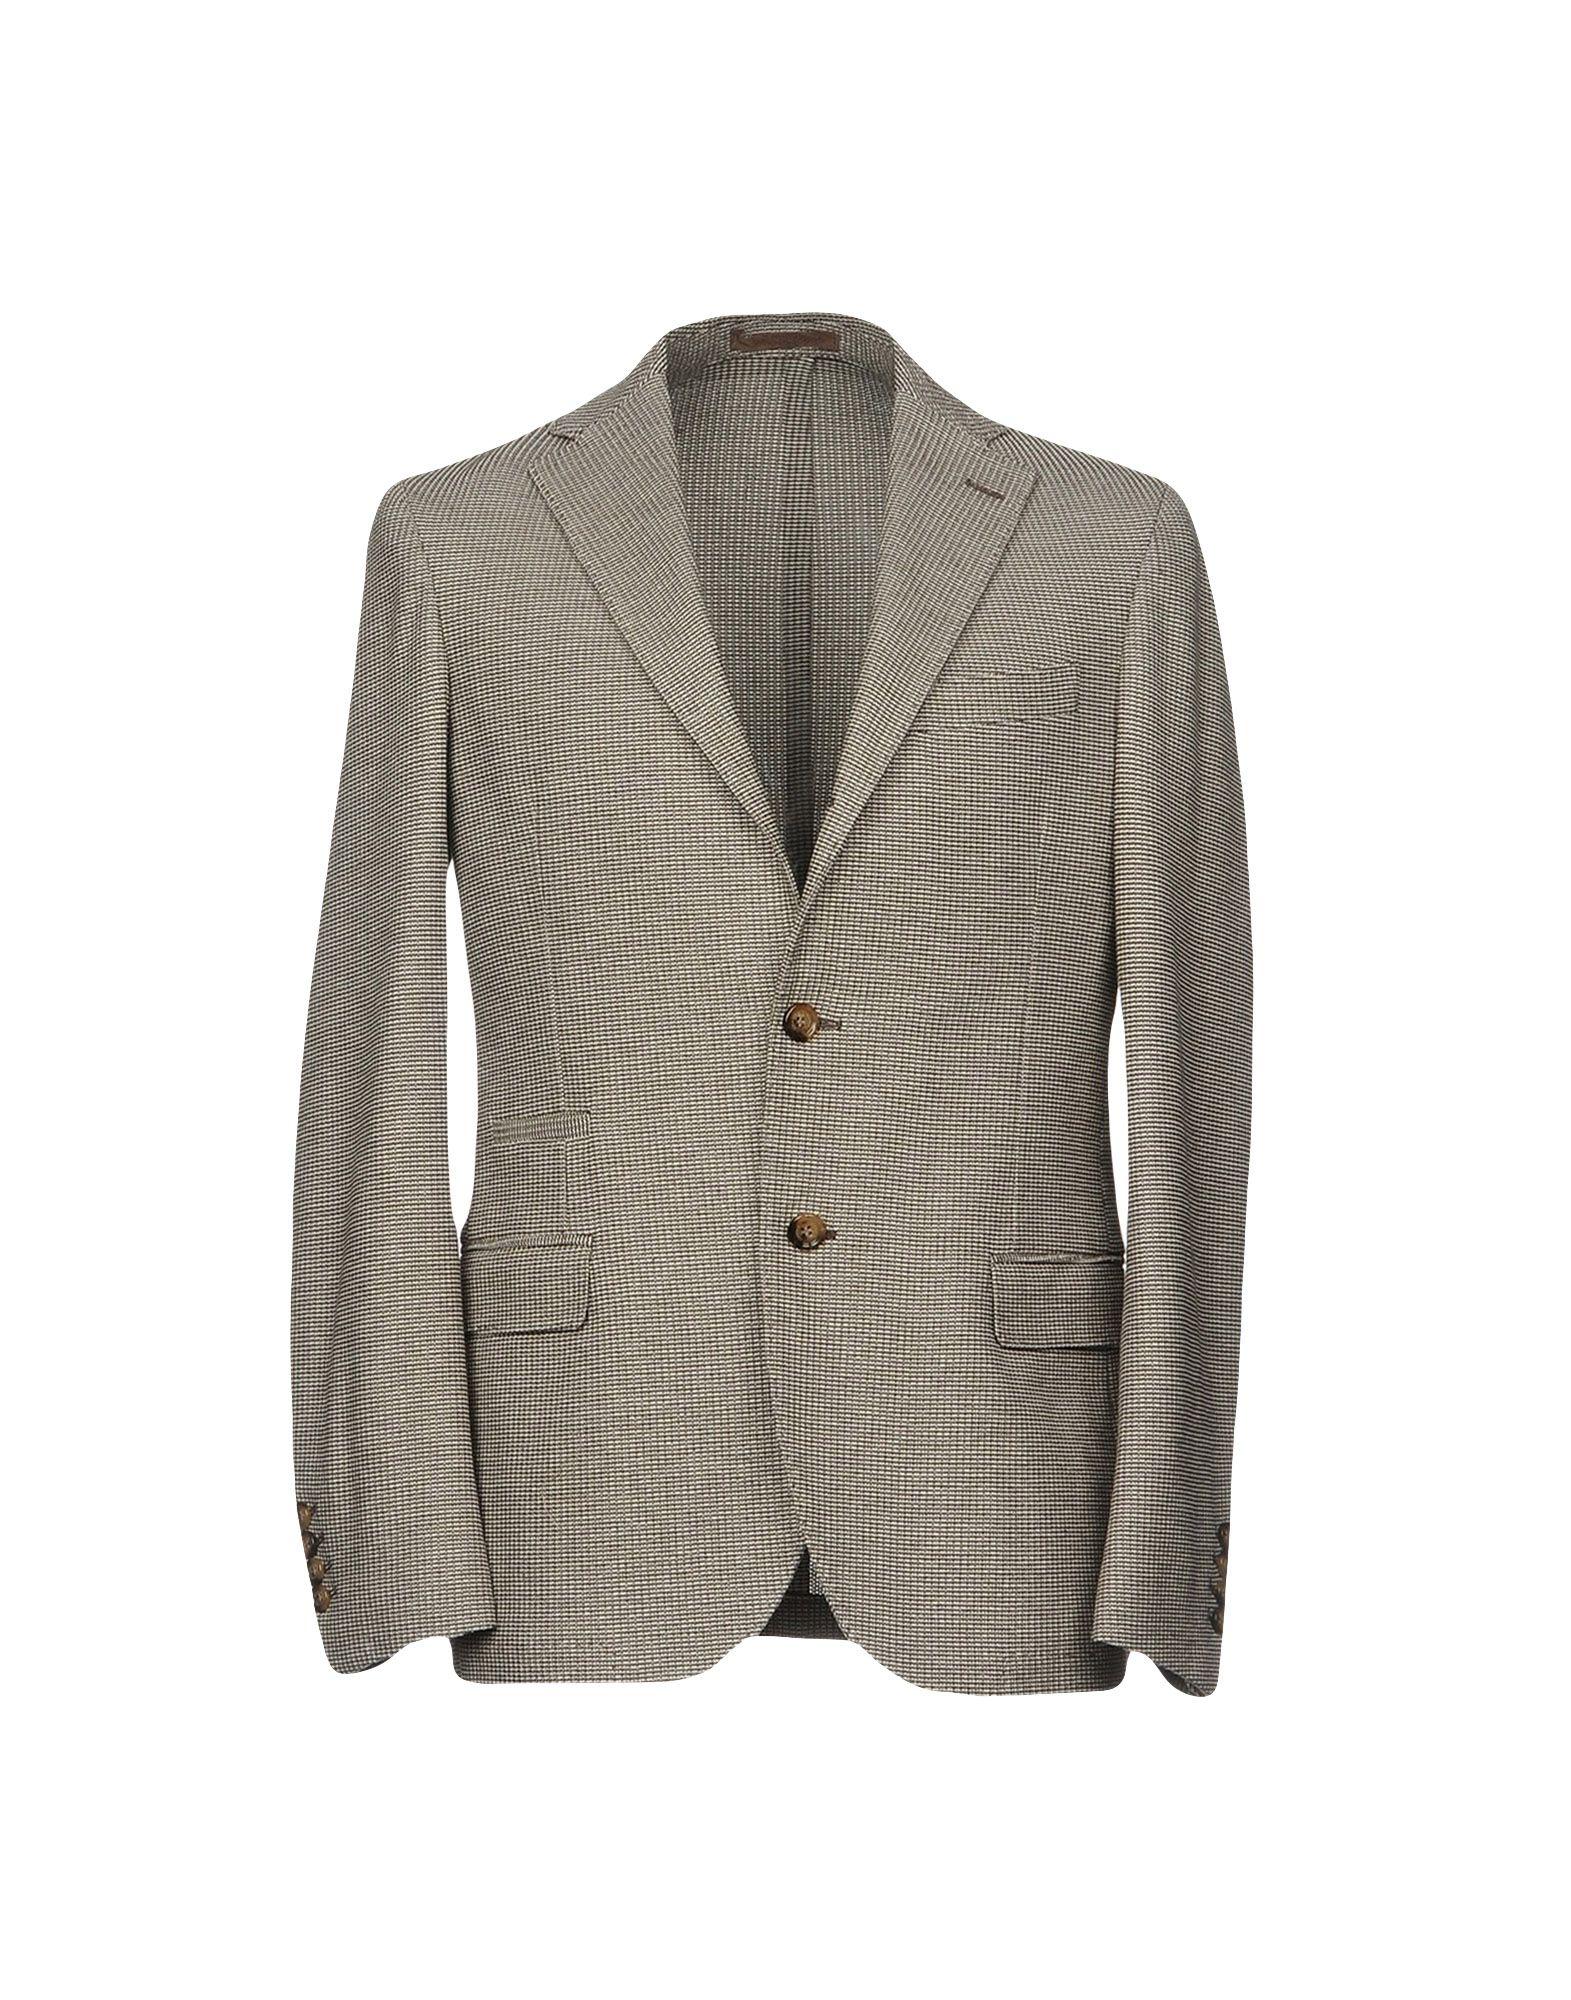 《送料無料》ELEVENTY メンズ テーラードジャケット ダークブラウン 52 100% コットン